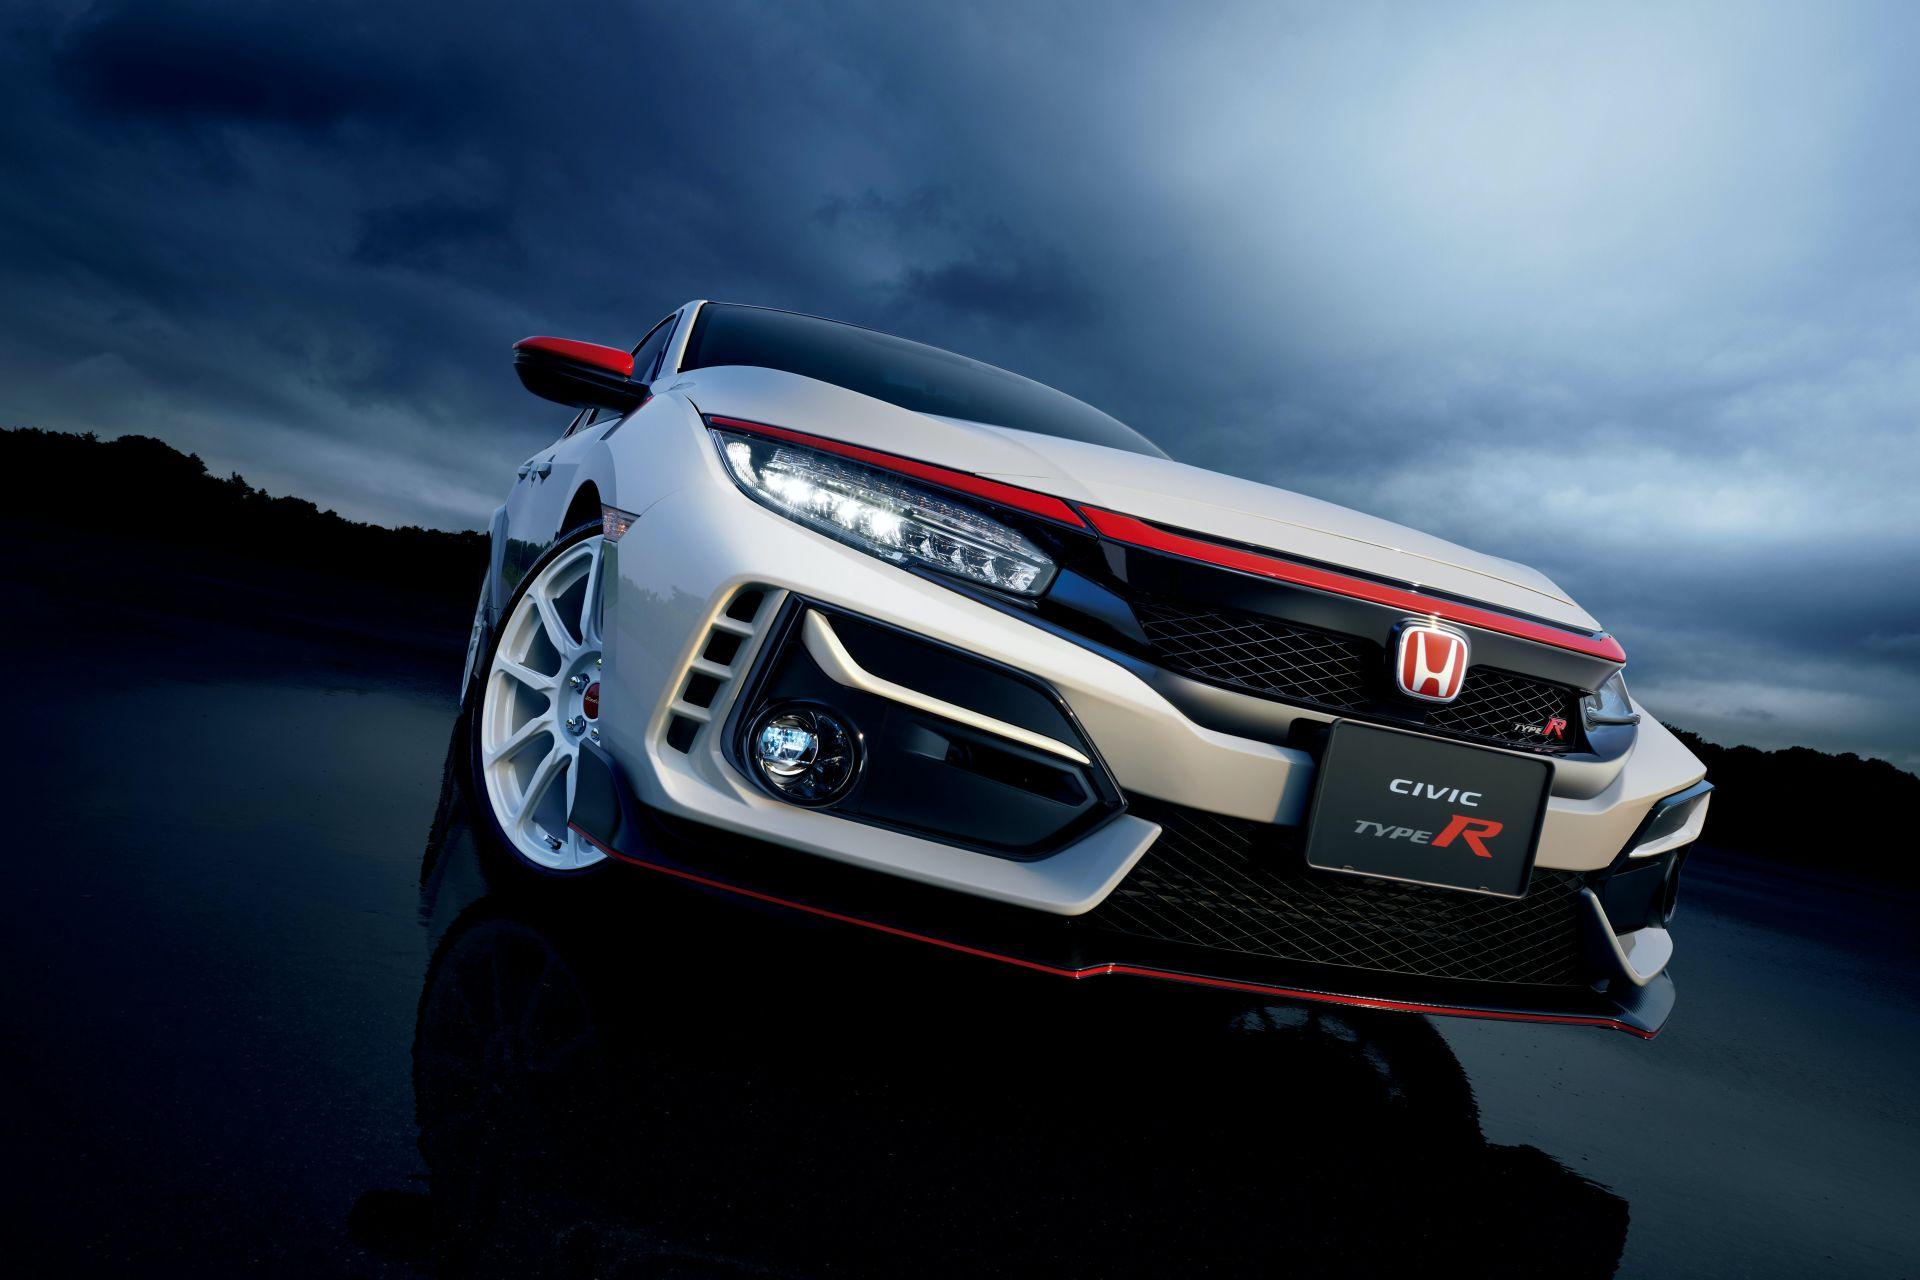 2021_Honda_Civic_Type_R_Modulo_0002